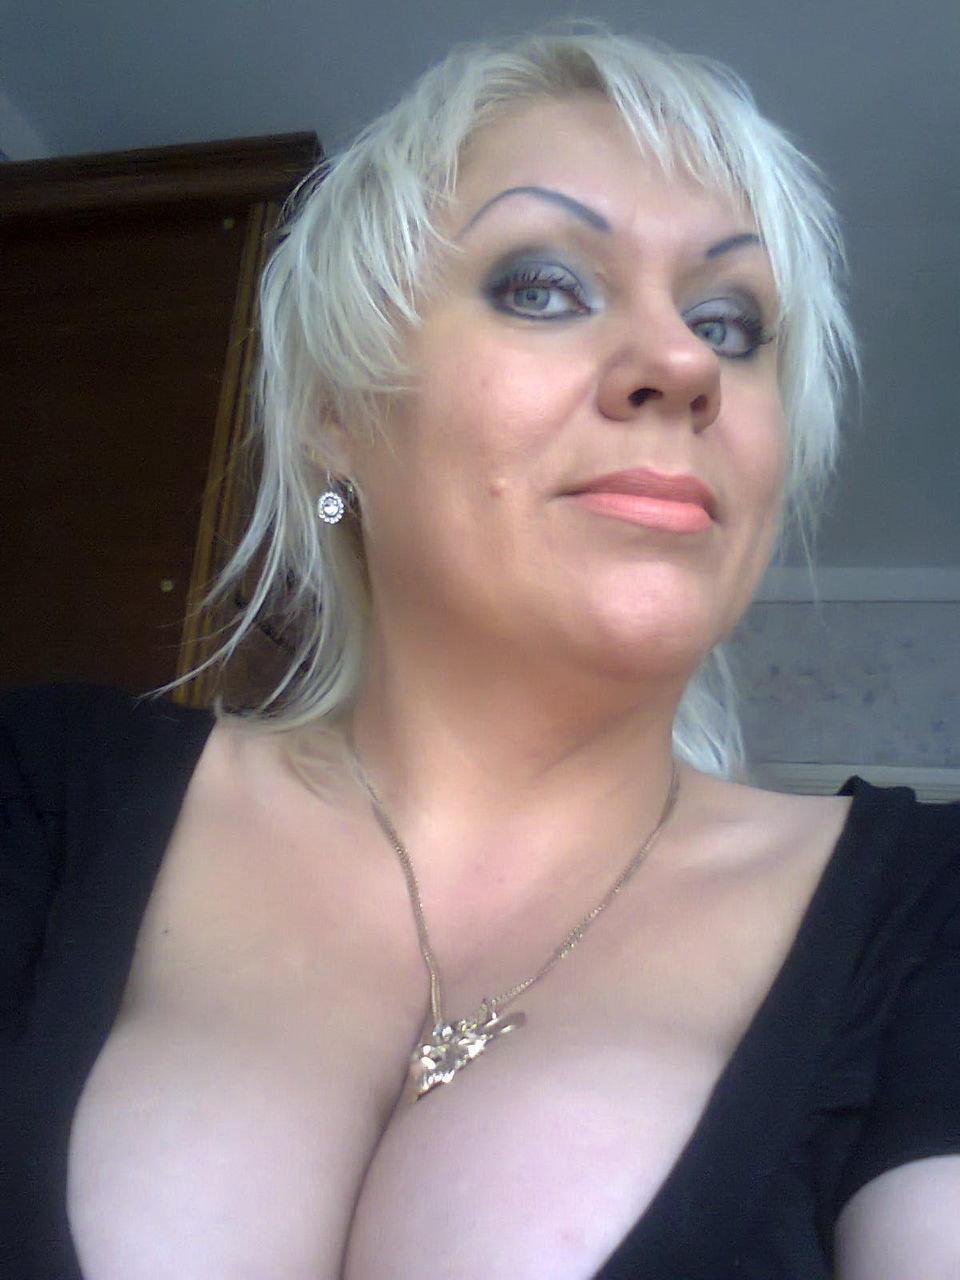 Онлайн порно у зрелые женщины фото секс